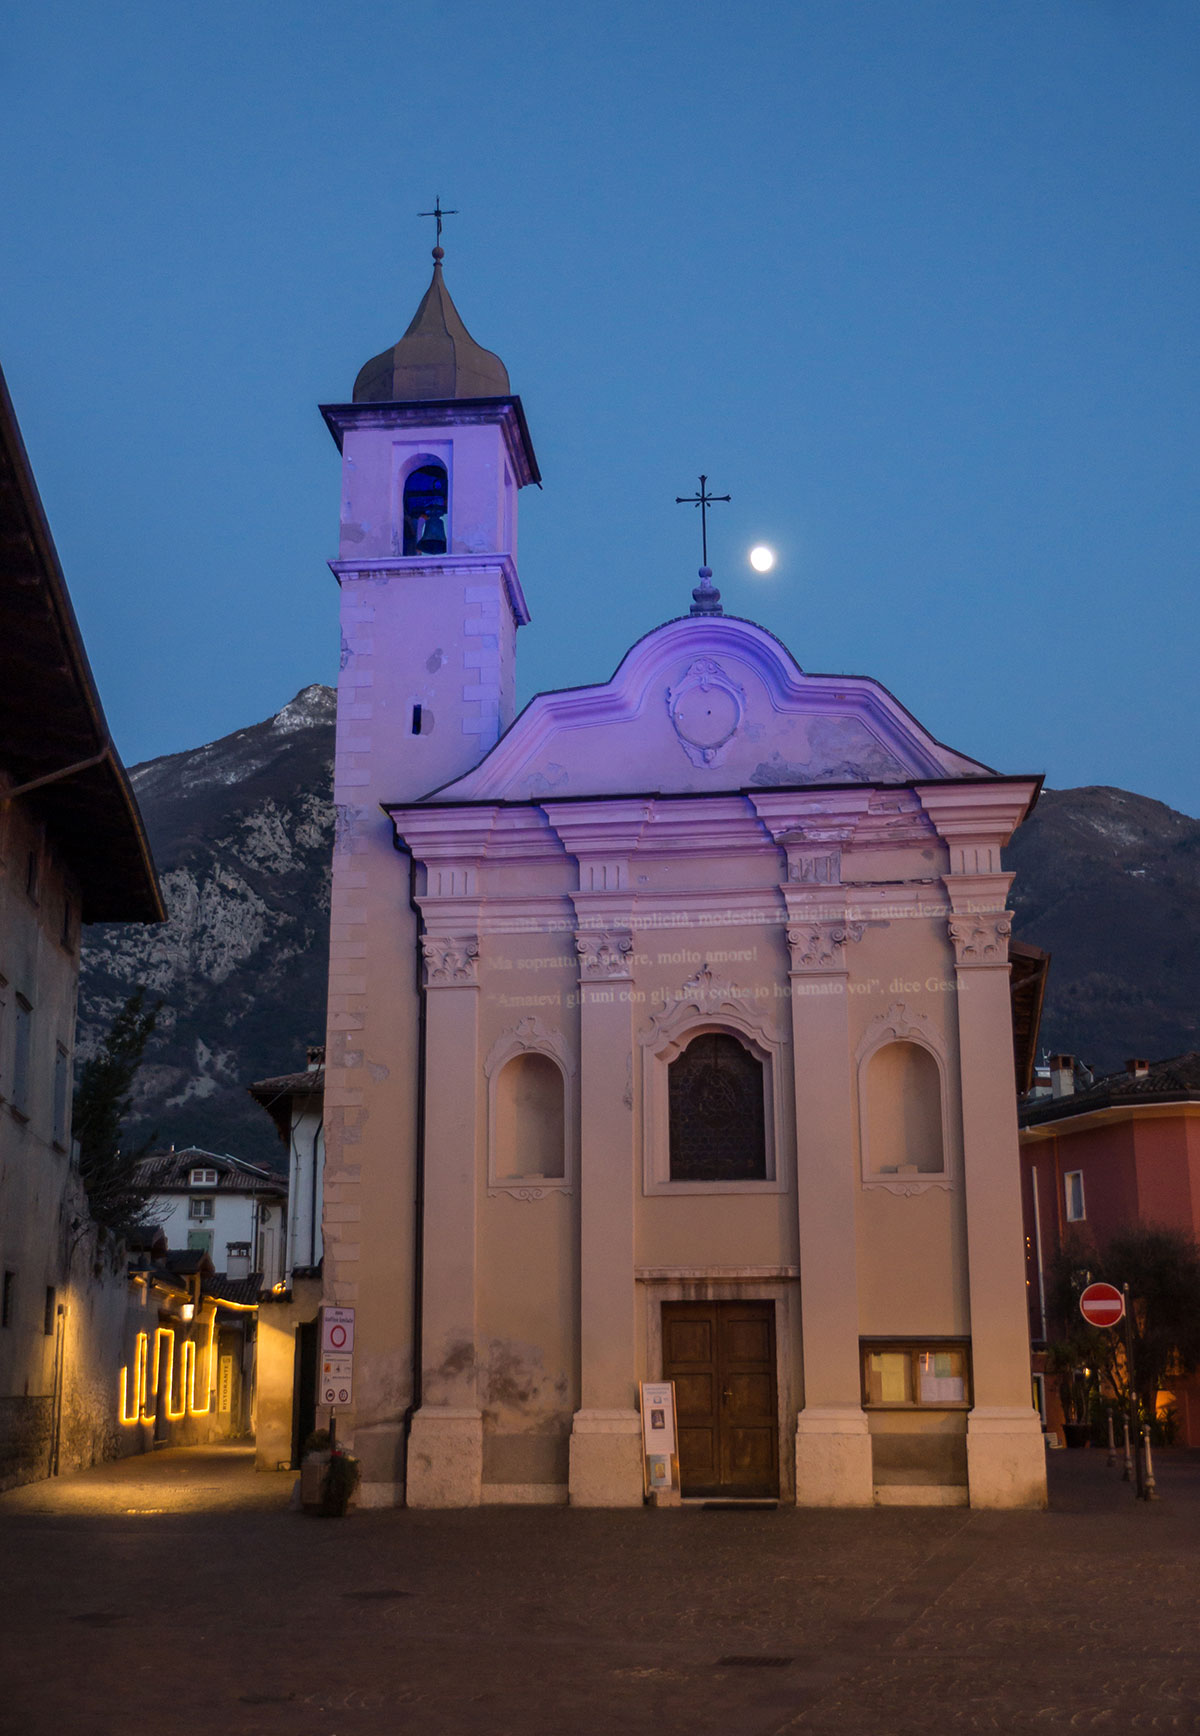 Abendstimmung mit Kirche und Mond in Arco